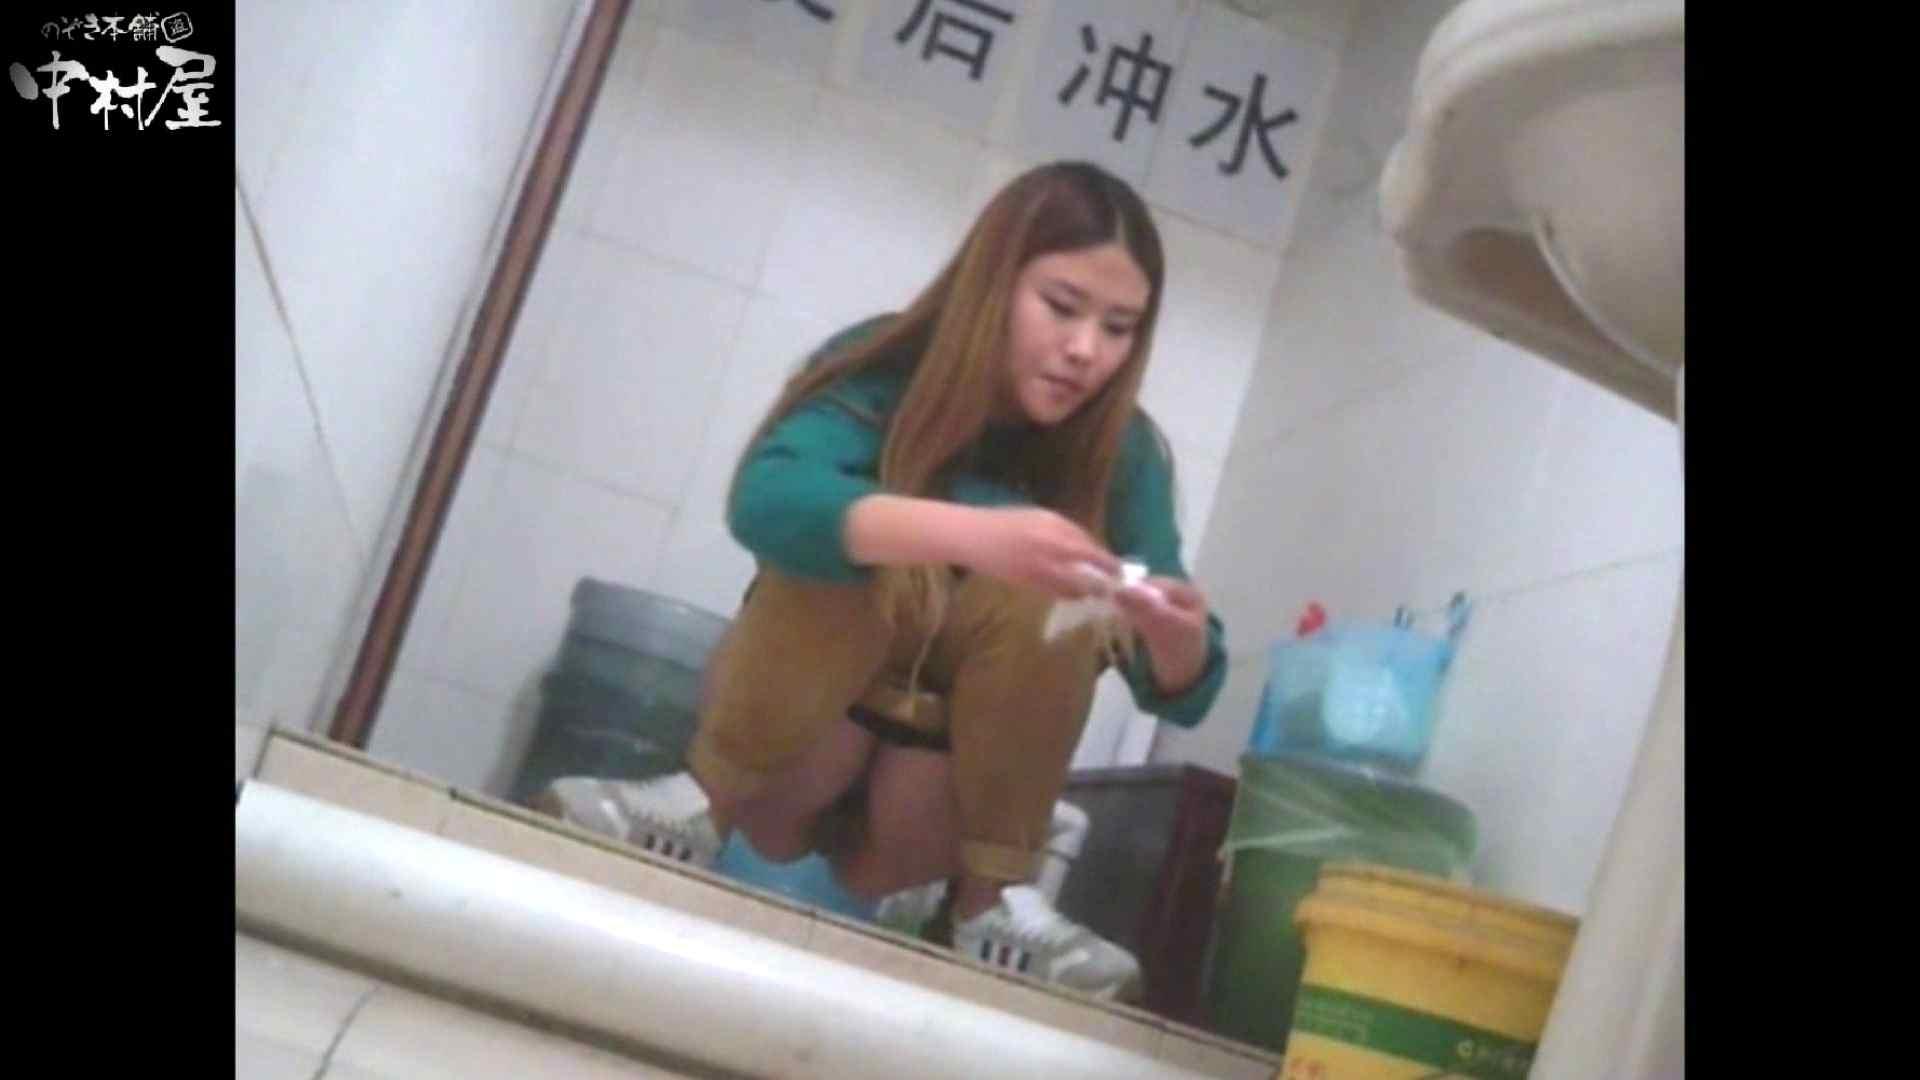 李さんの盗撮日記 Vol.15 超エロギャル ヌード画像 51枚 43